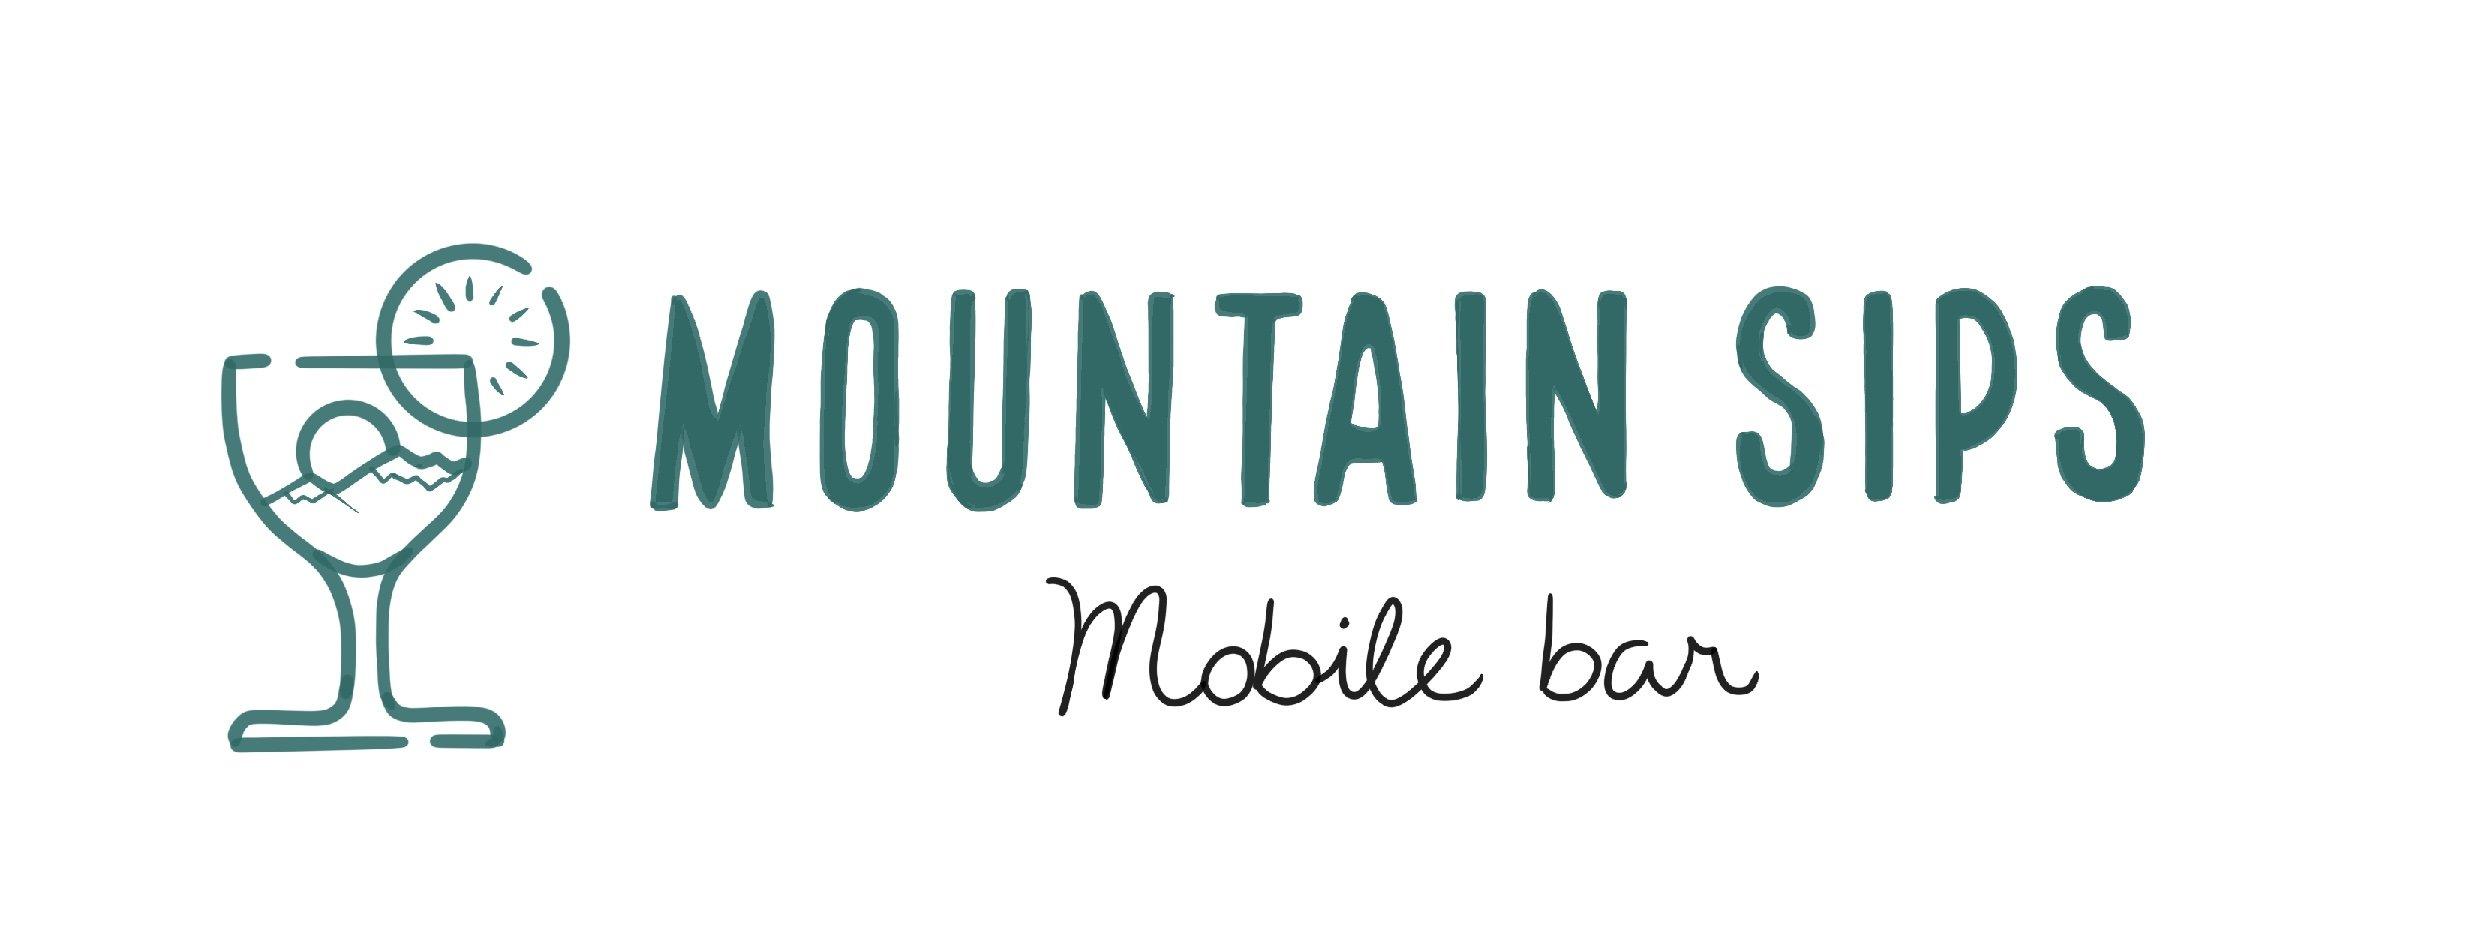 Mountain Sips Mobile Bar